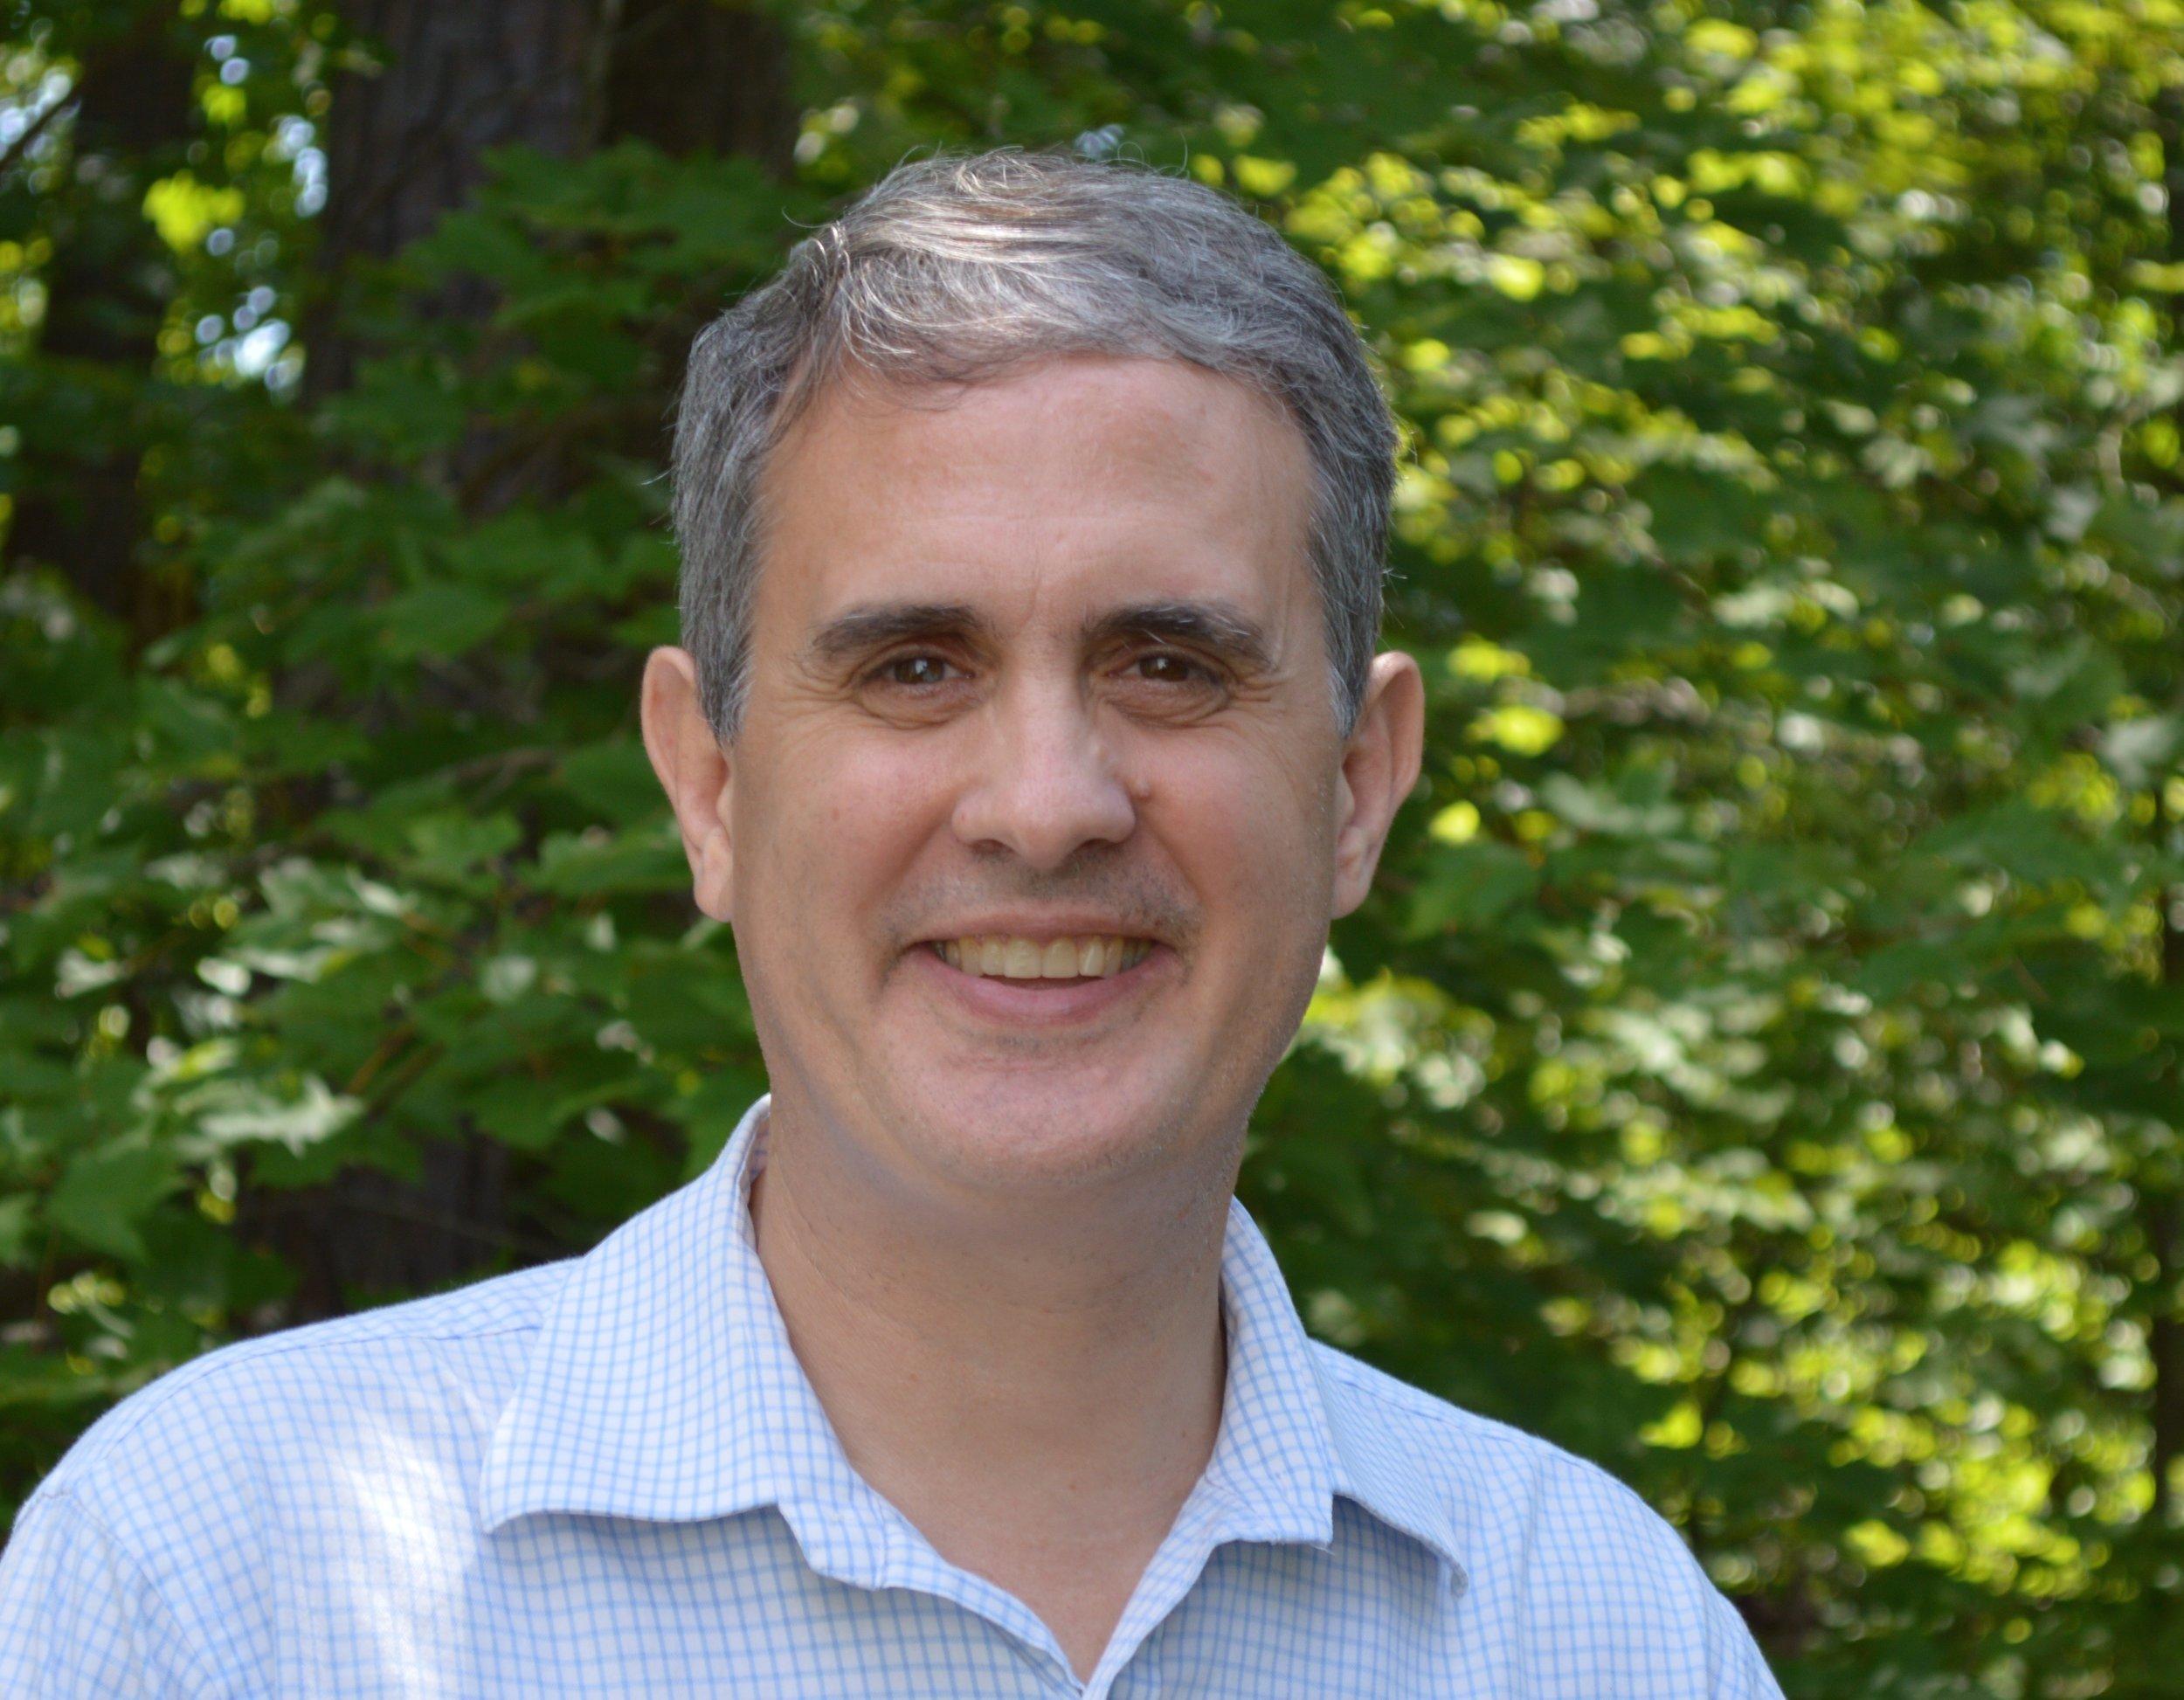 John Sibert